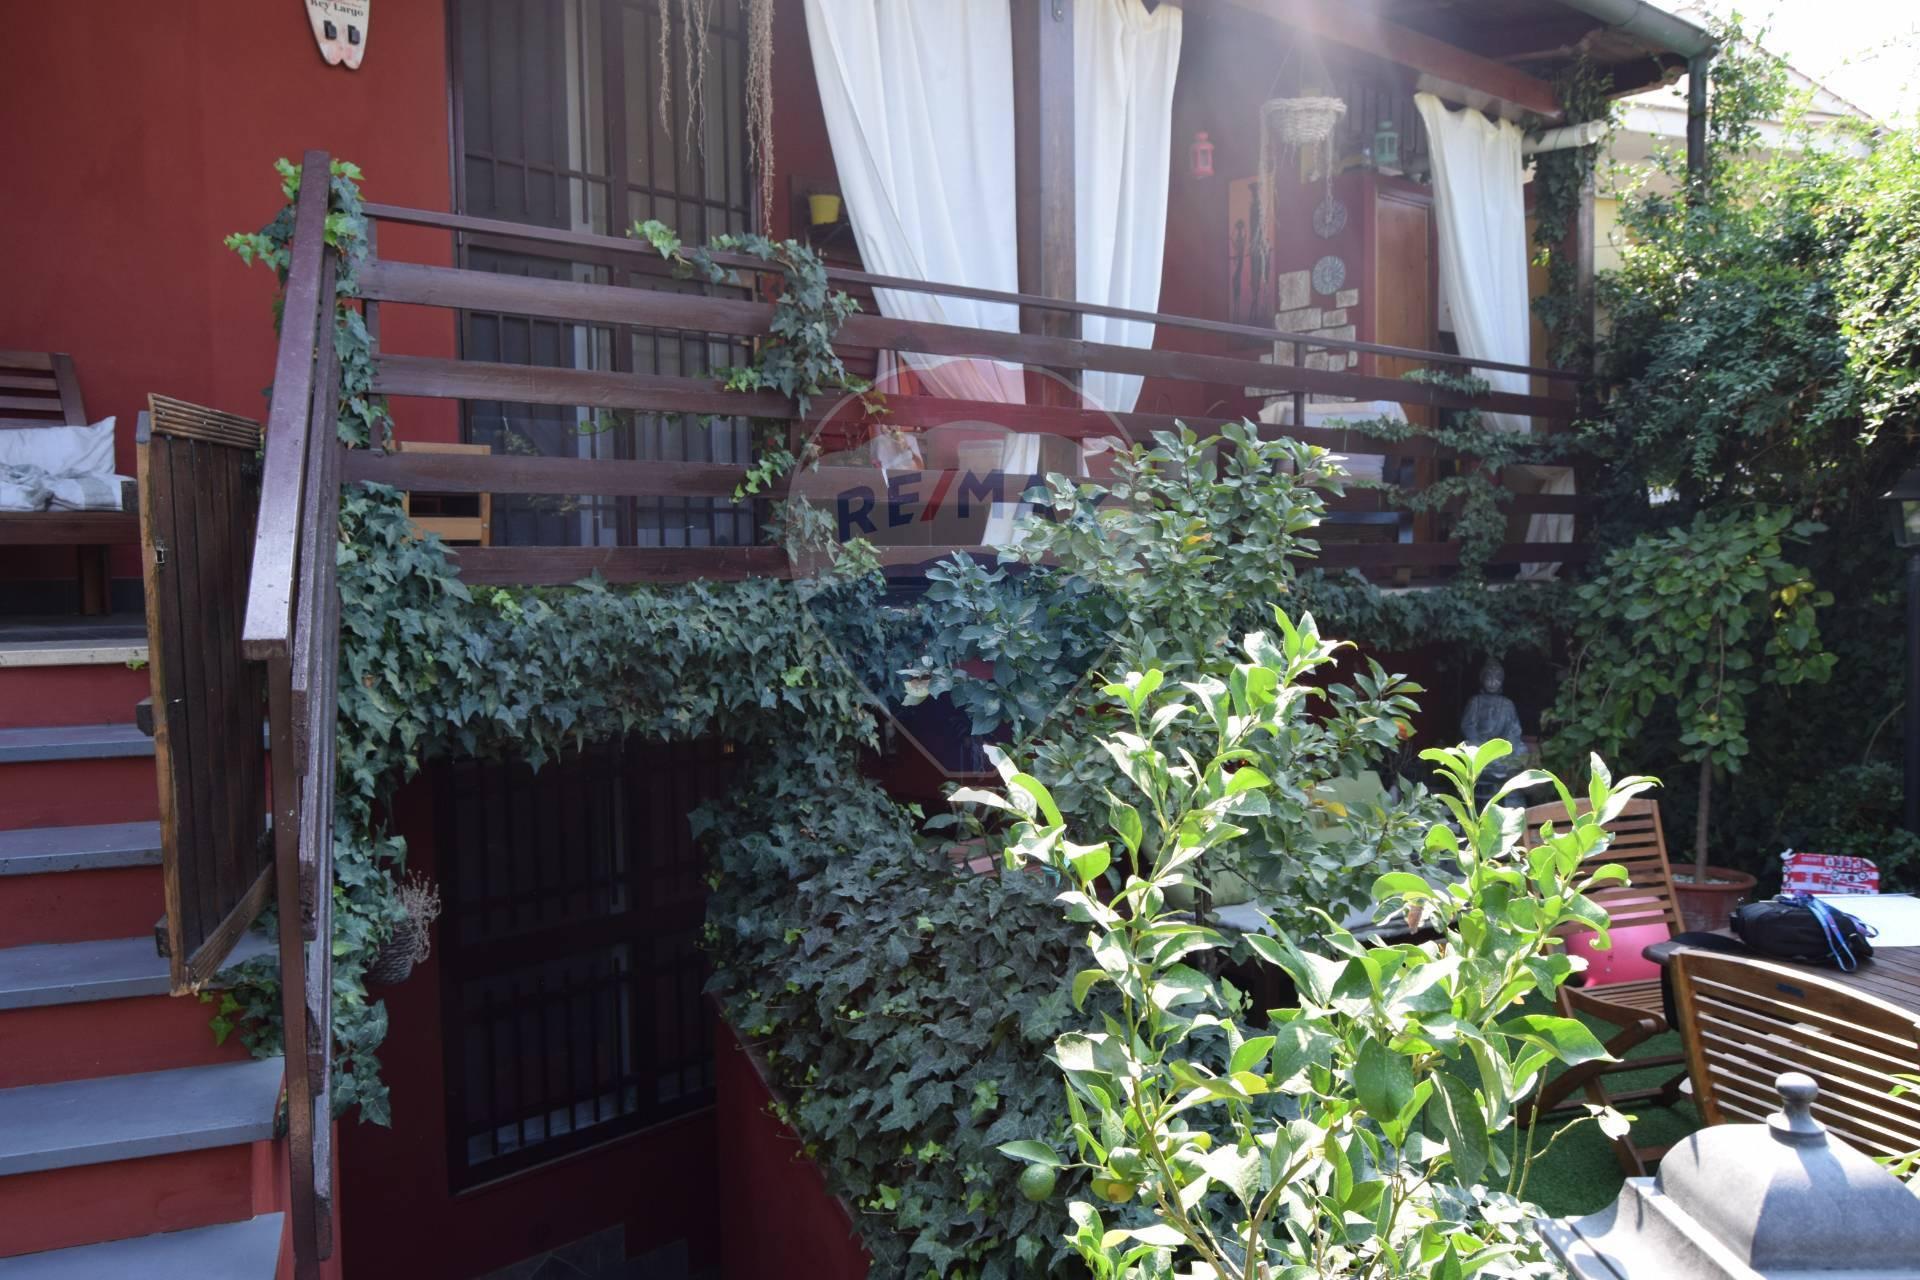 Villa Bifamiliare in vendita a Roma, 5 locali, zona Località: Spregamore, prezzo € 139.000 | CambioCasa.it